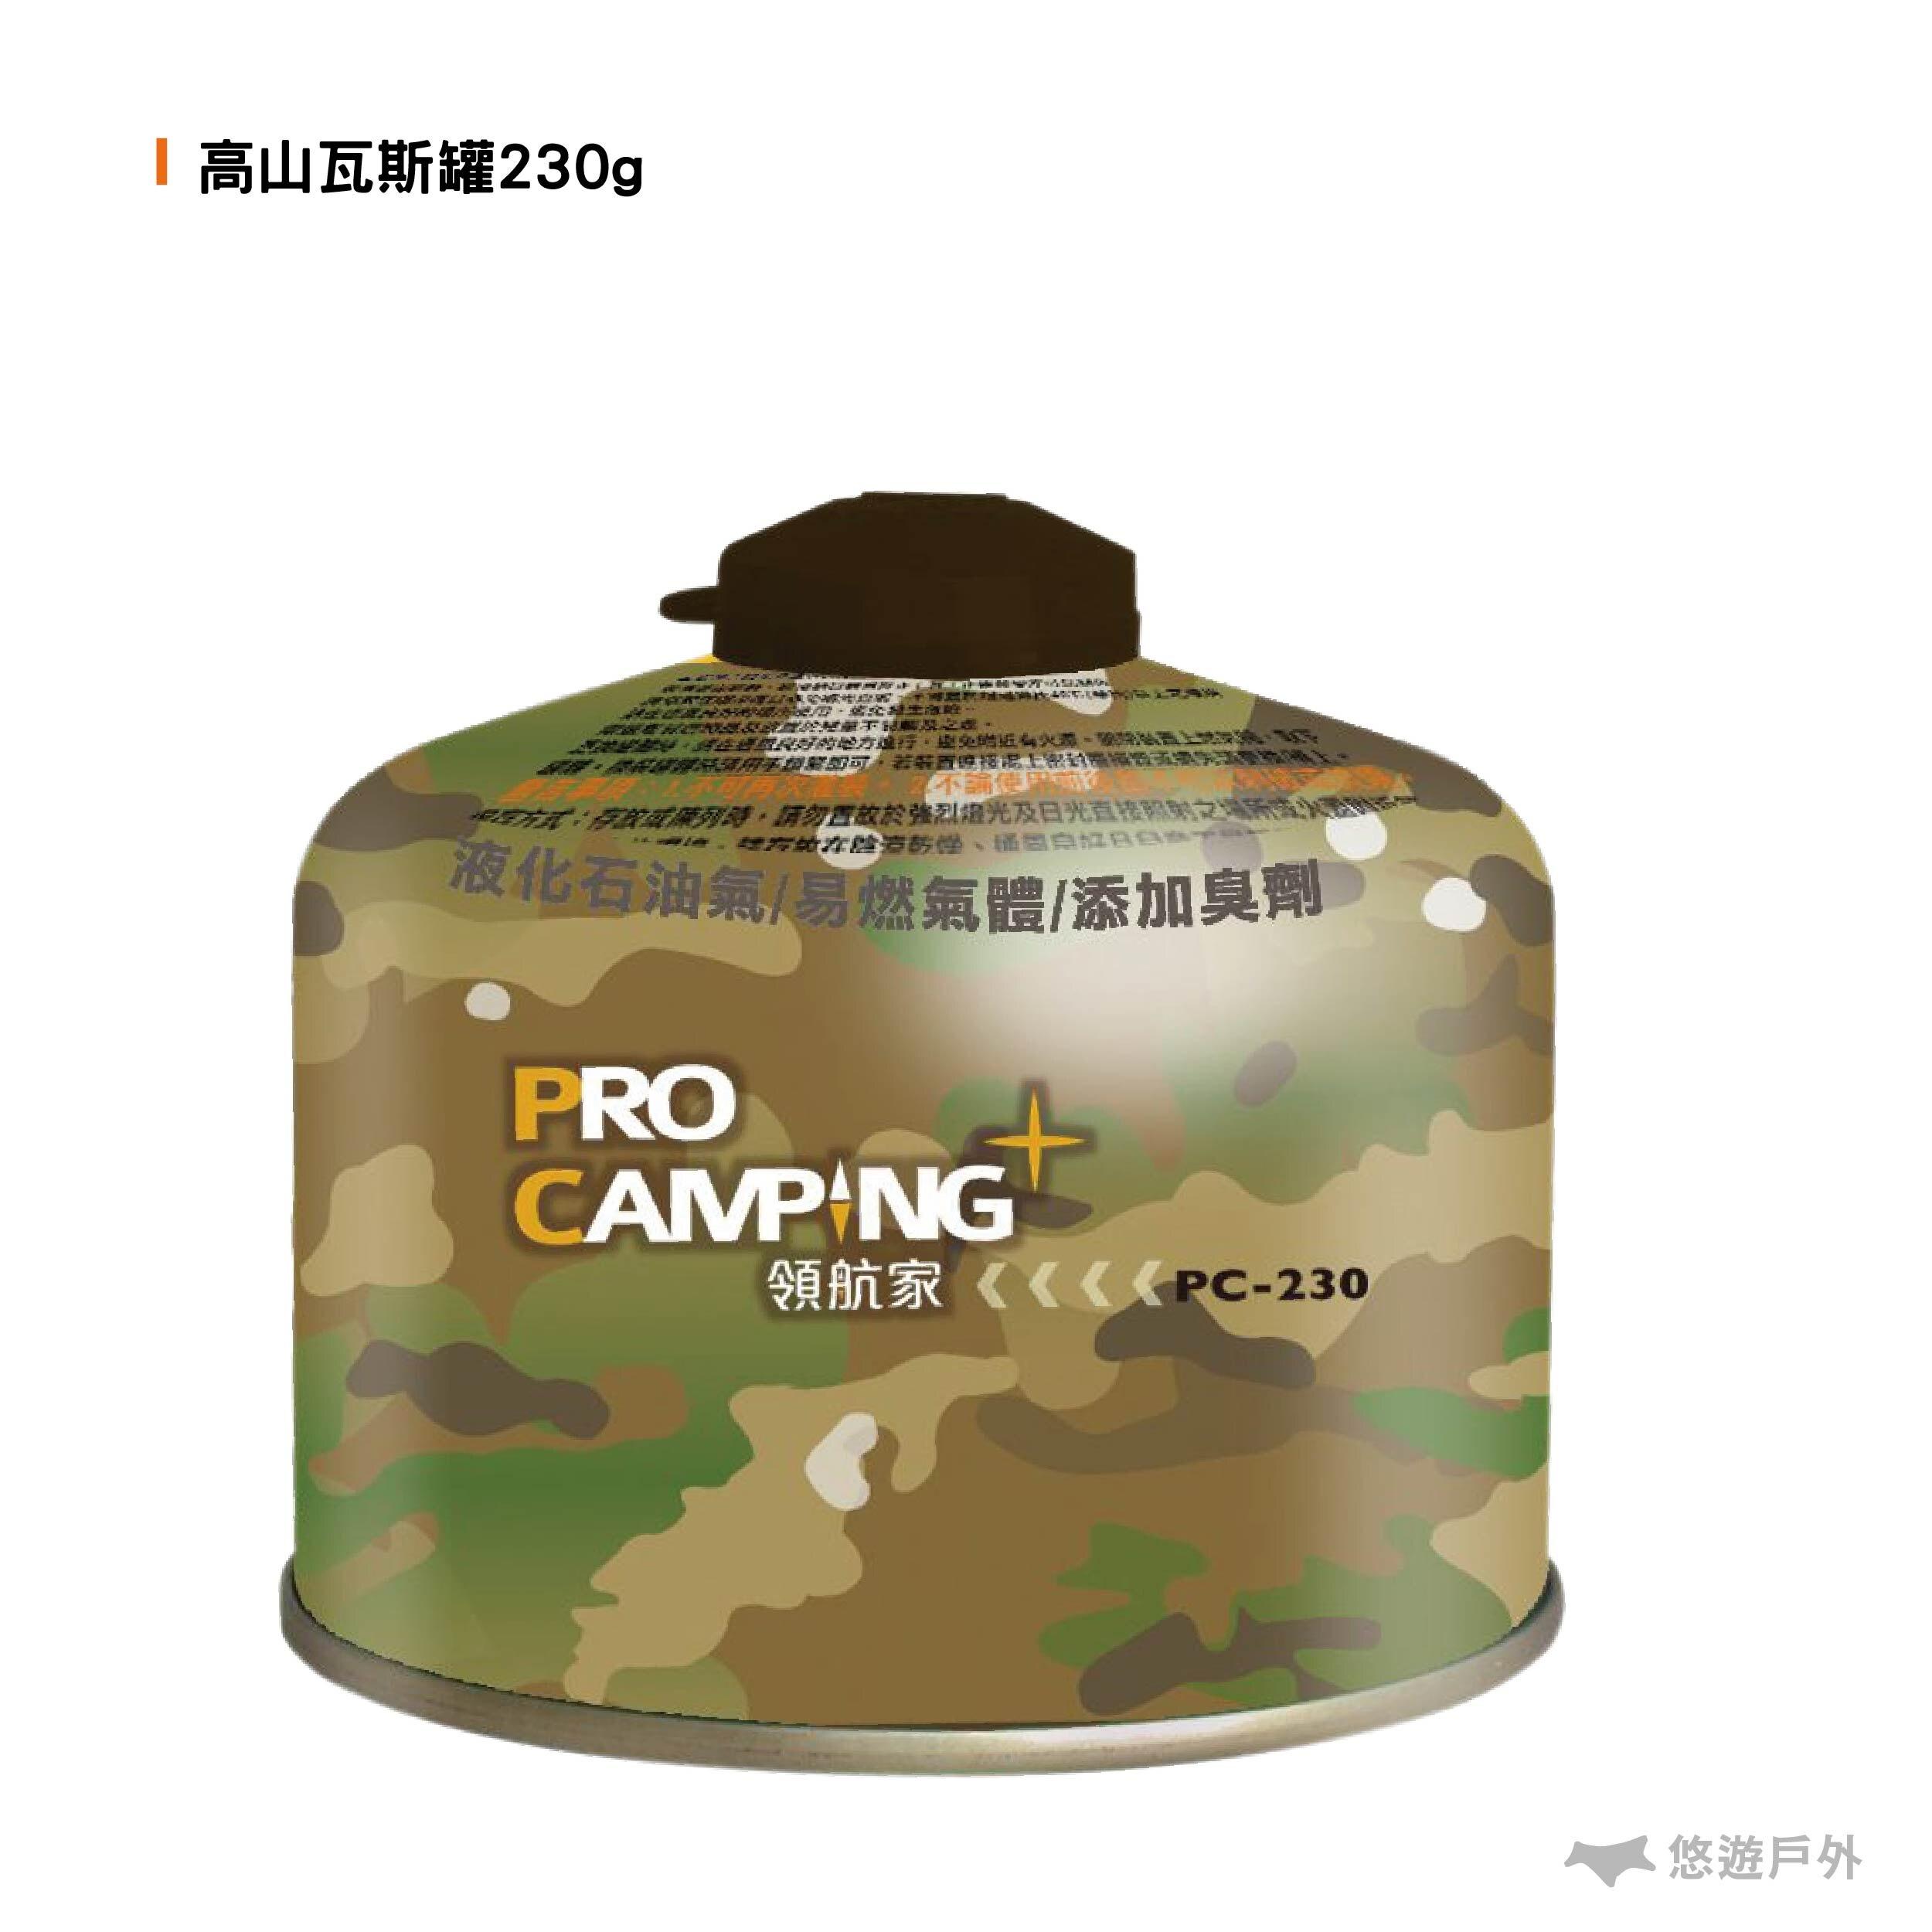 ├登山樂┤妙管家高山瓦斯罐 螺牙式瓦斯瓶 高壓罐(韓國製)混合液化丙丁烷 # PC-230